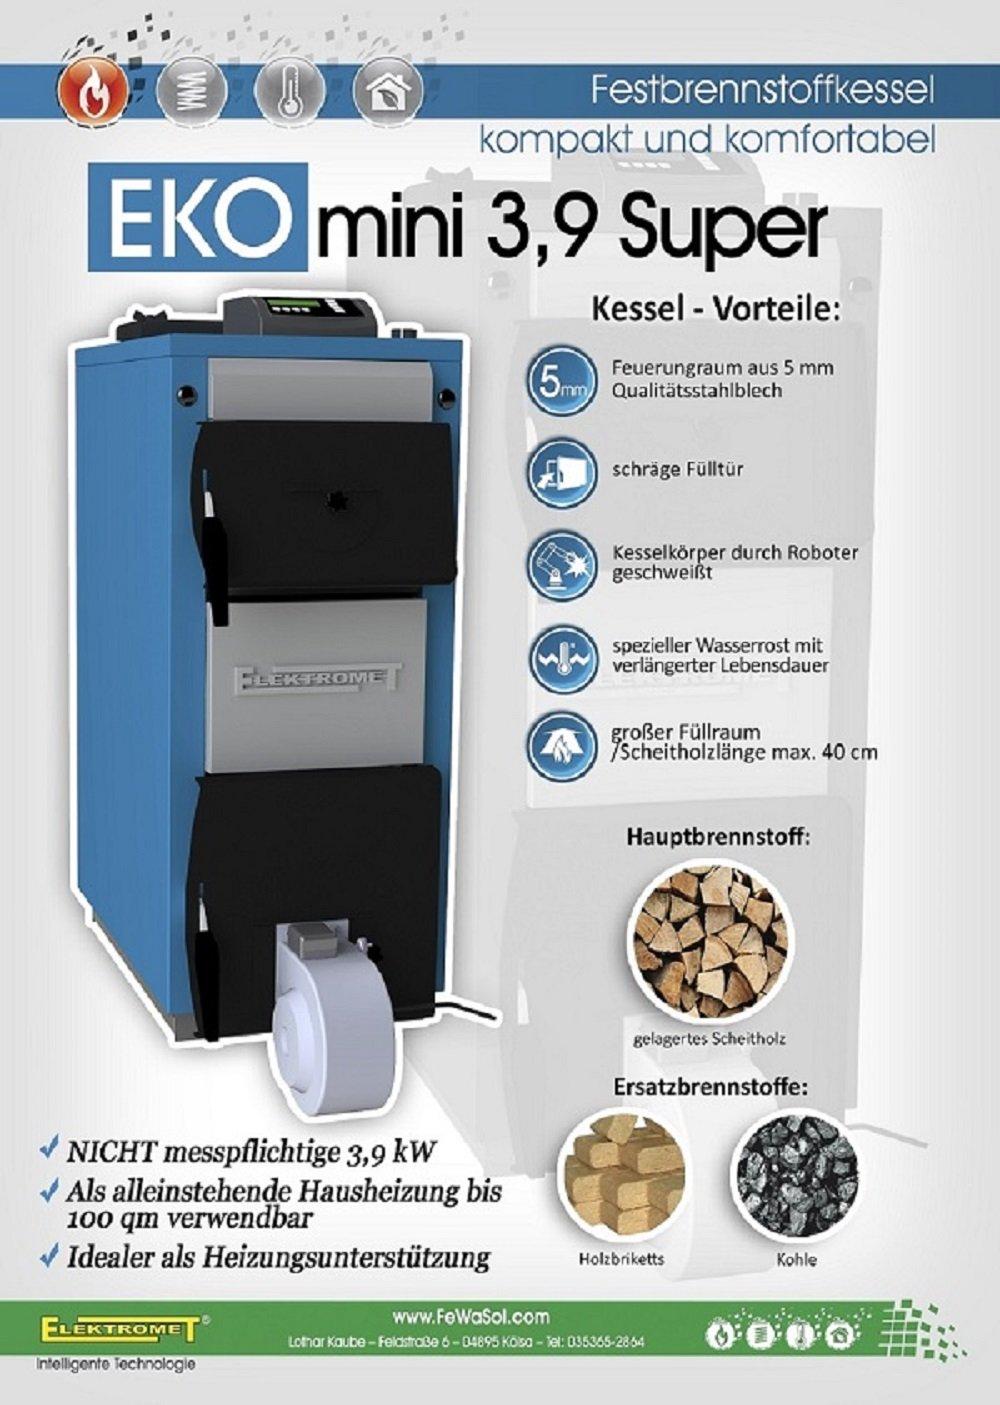 Elektromet ECO-Mini-Super 3,9 kW Stahlblech Festbrennstoffkessel